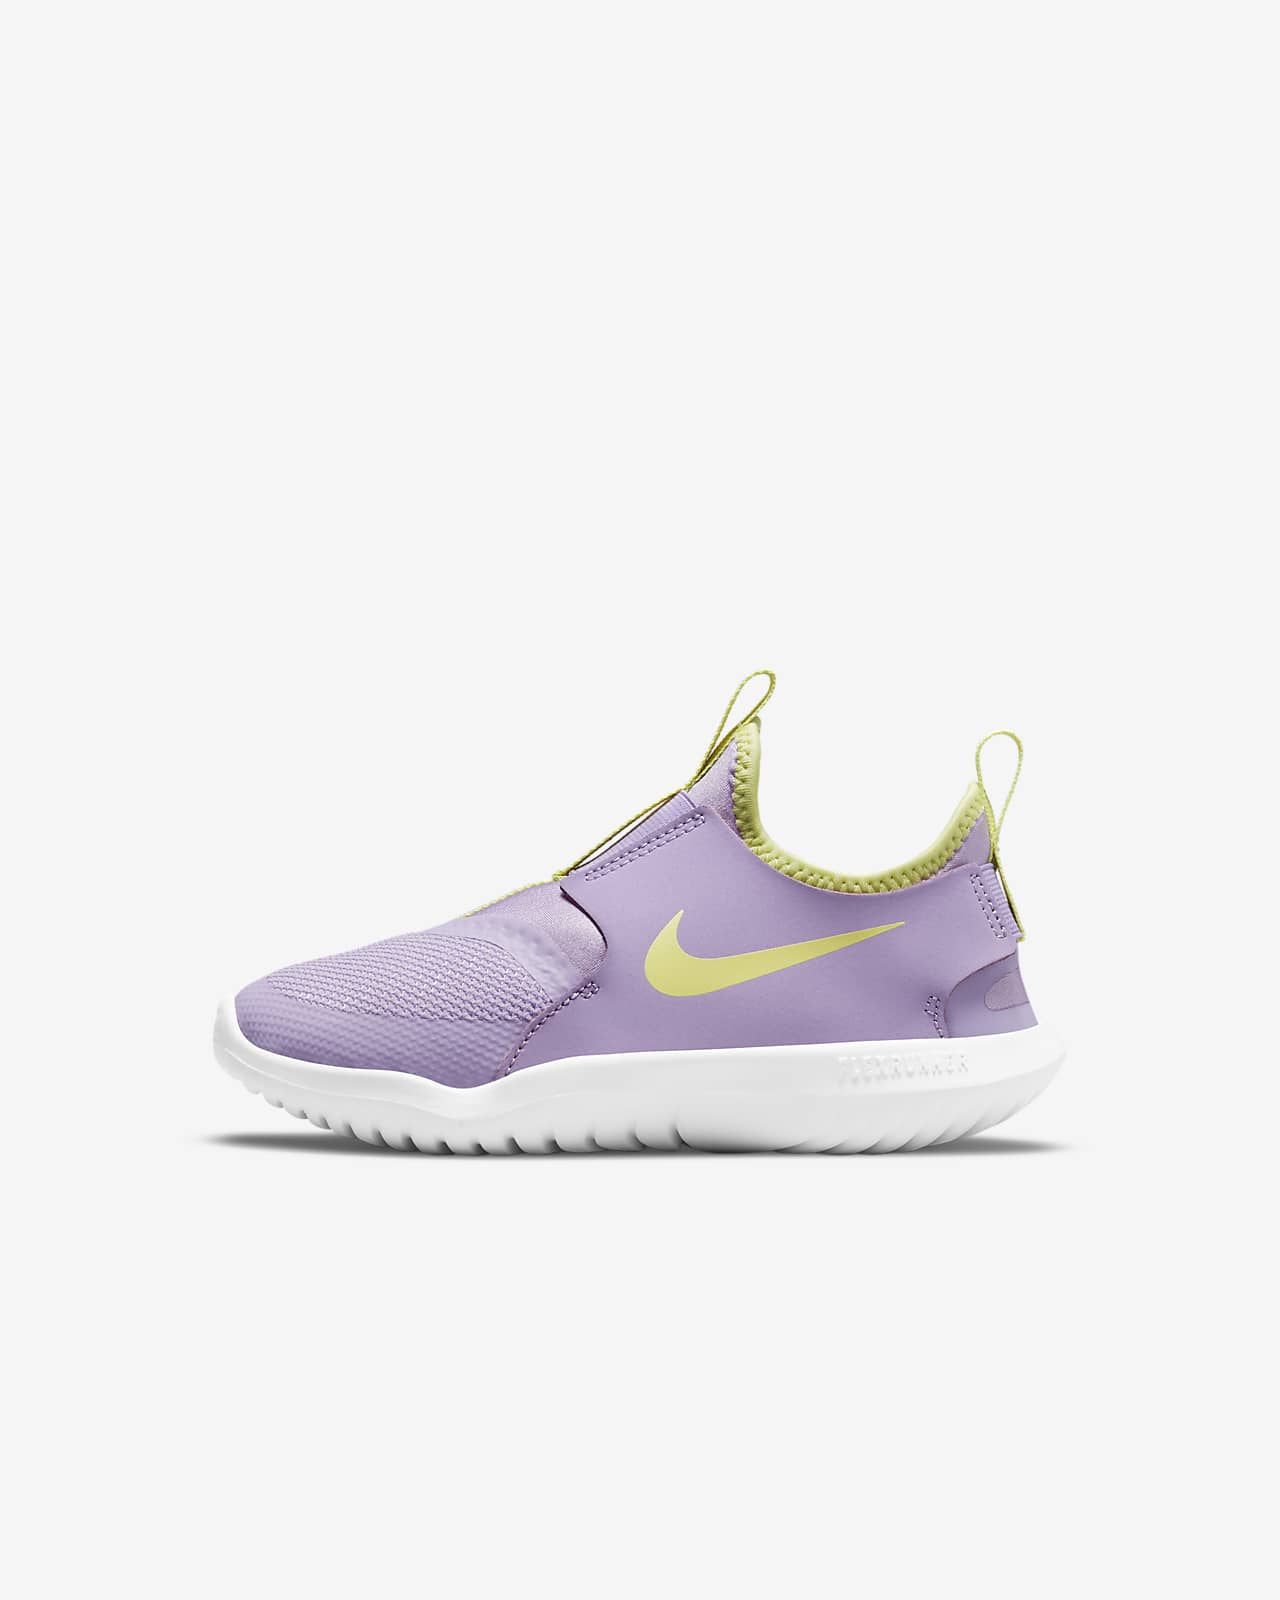 Παπούτσι Nike Flex Runner για μικρά παιδιά